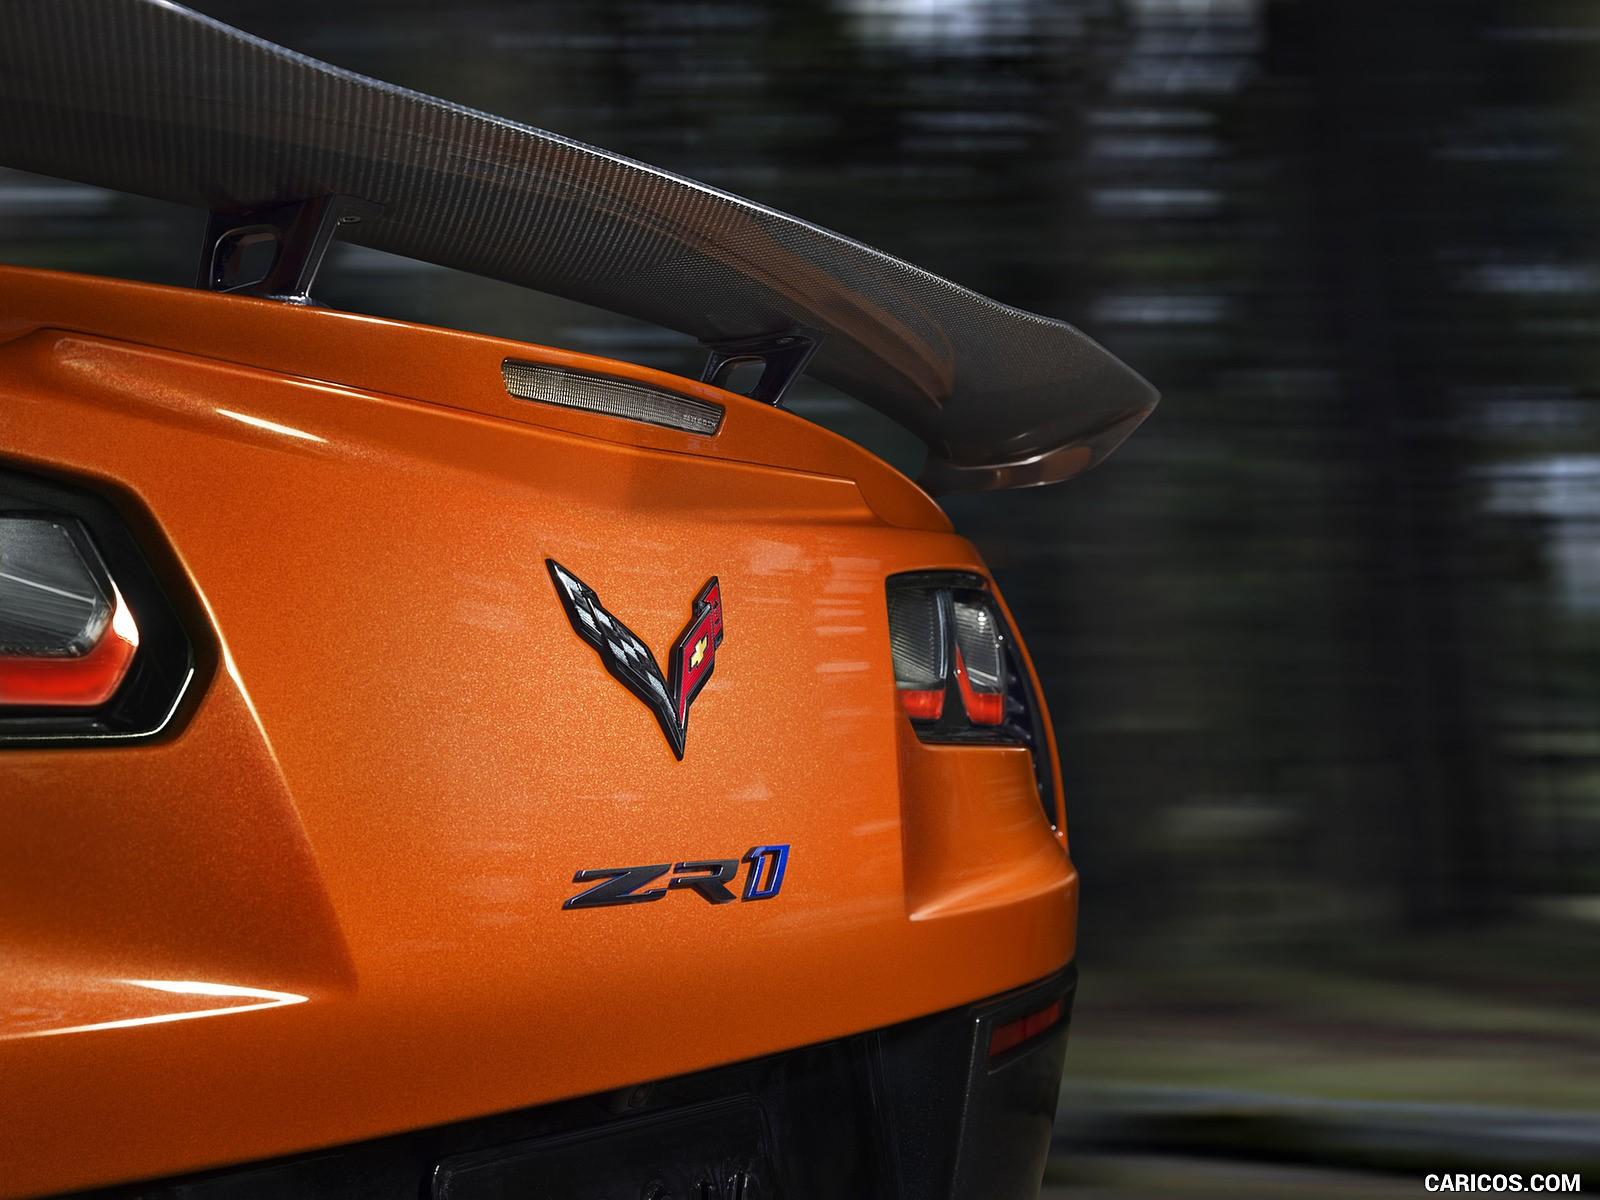 2019 Chevrolet Corvette ZR1 wallpaper